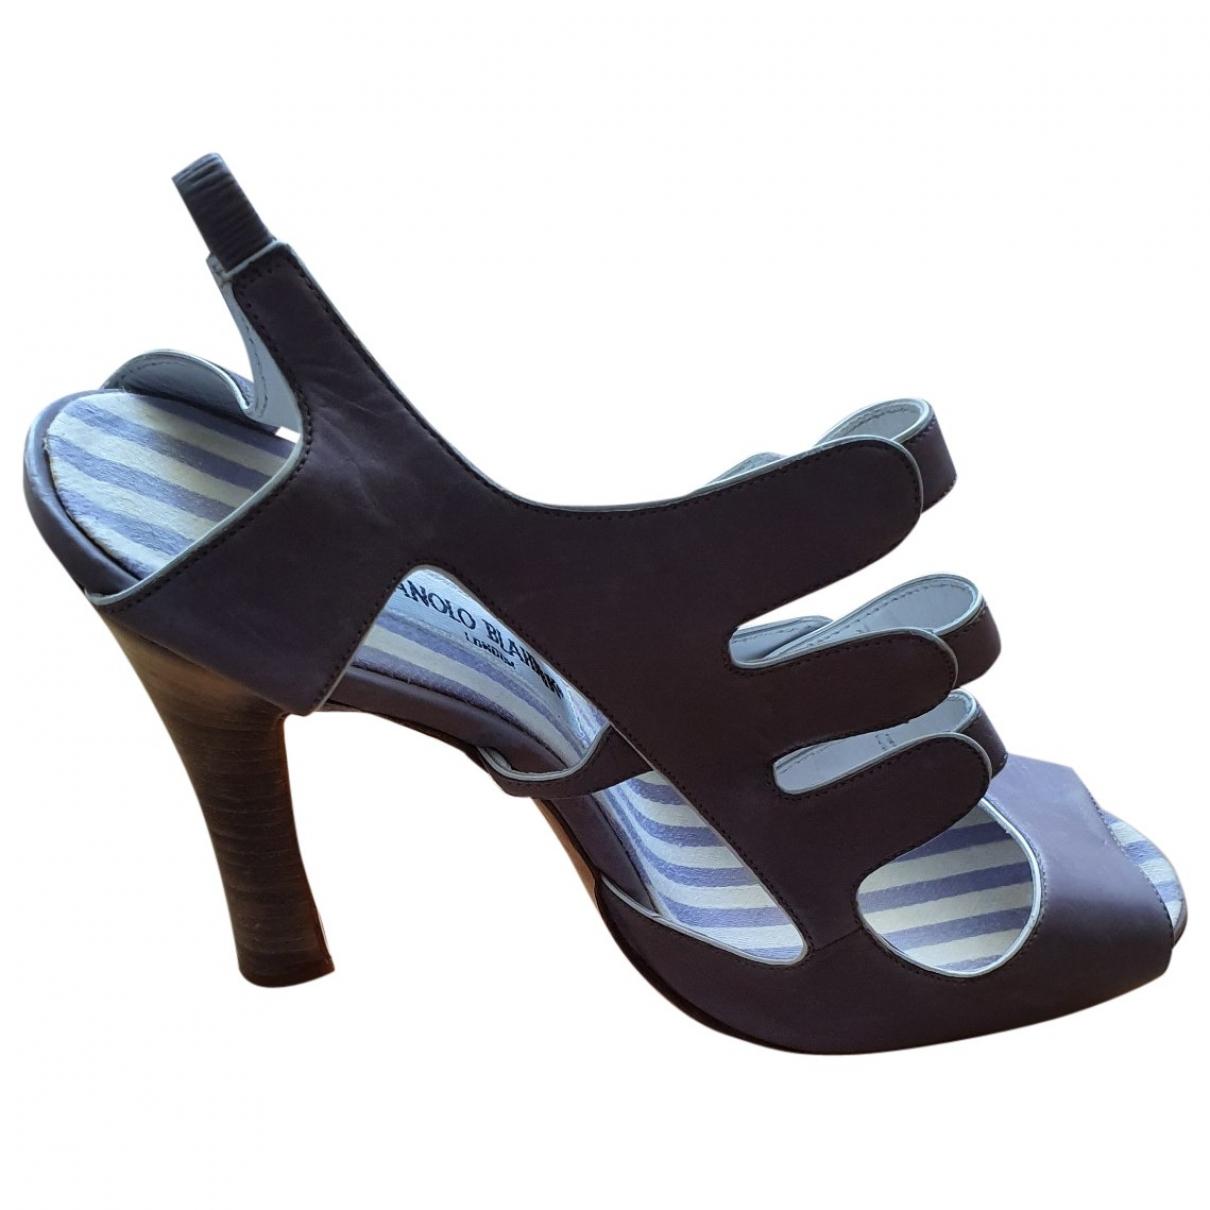 Manolo Blahnik - Sandales   pour femme en cuir